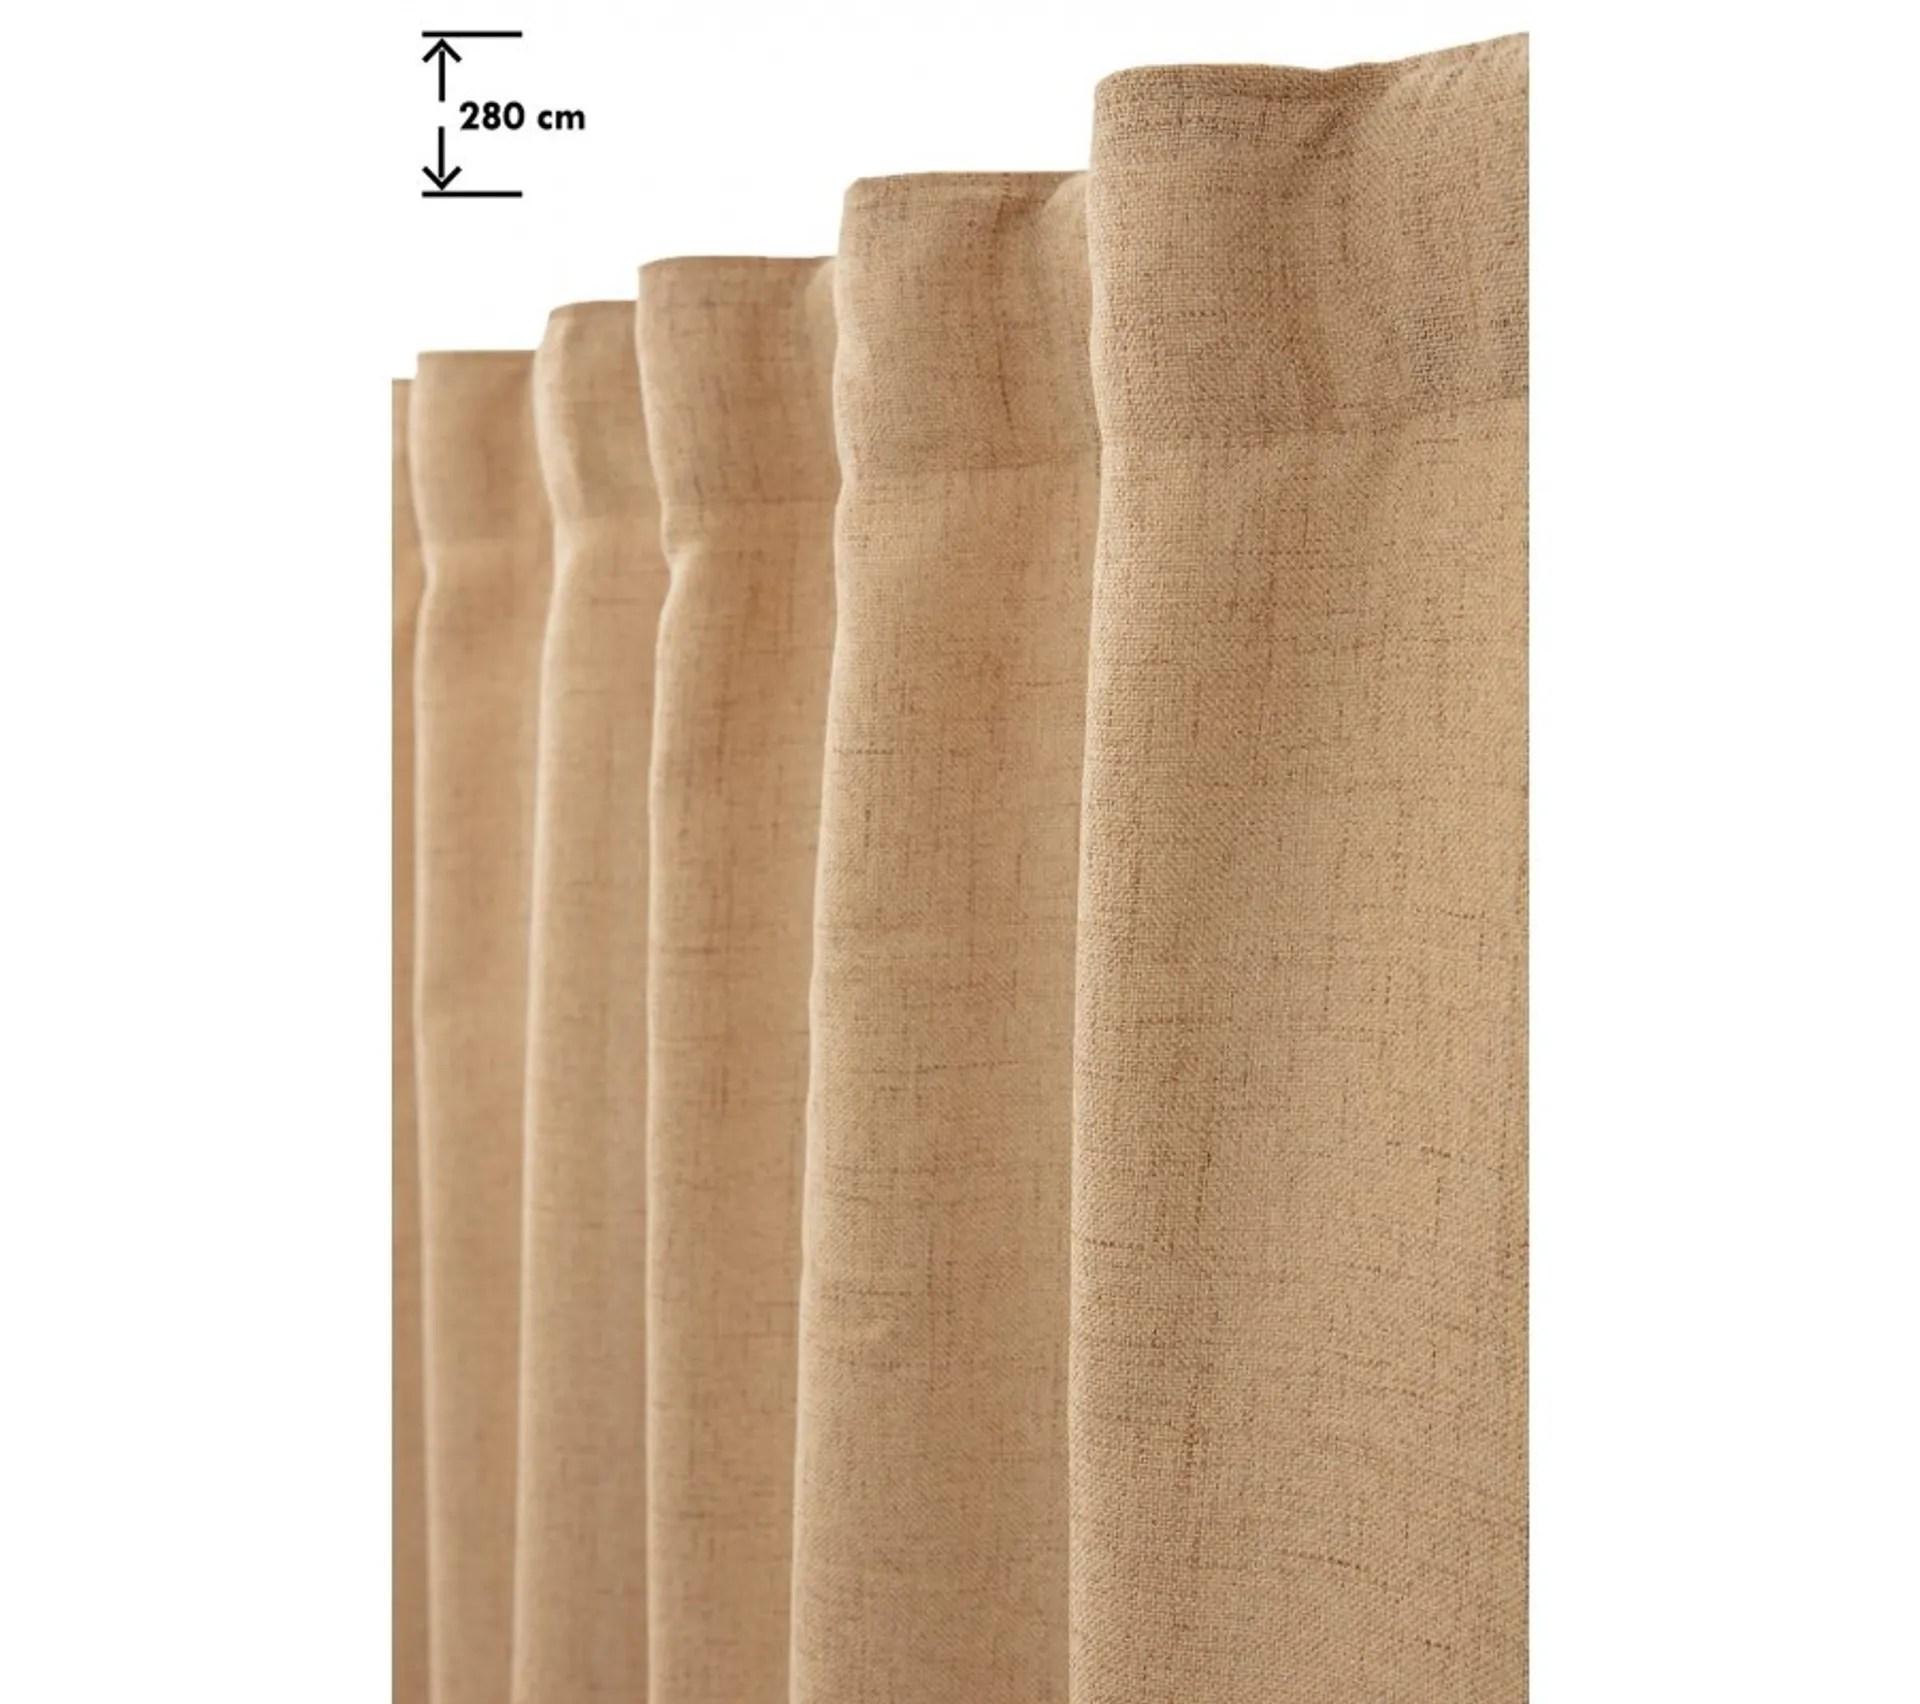 rideau tamisant 135 x 280 cm grande hauteur a galon fronceur pattes cachees chine naturel